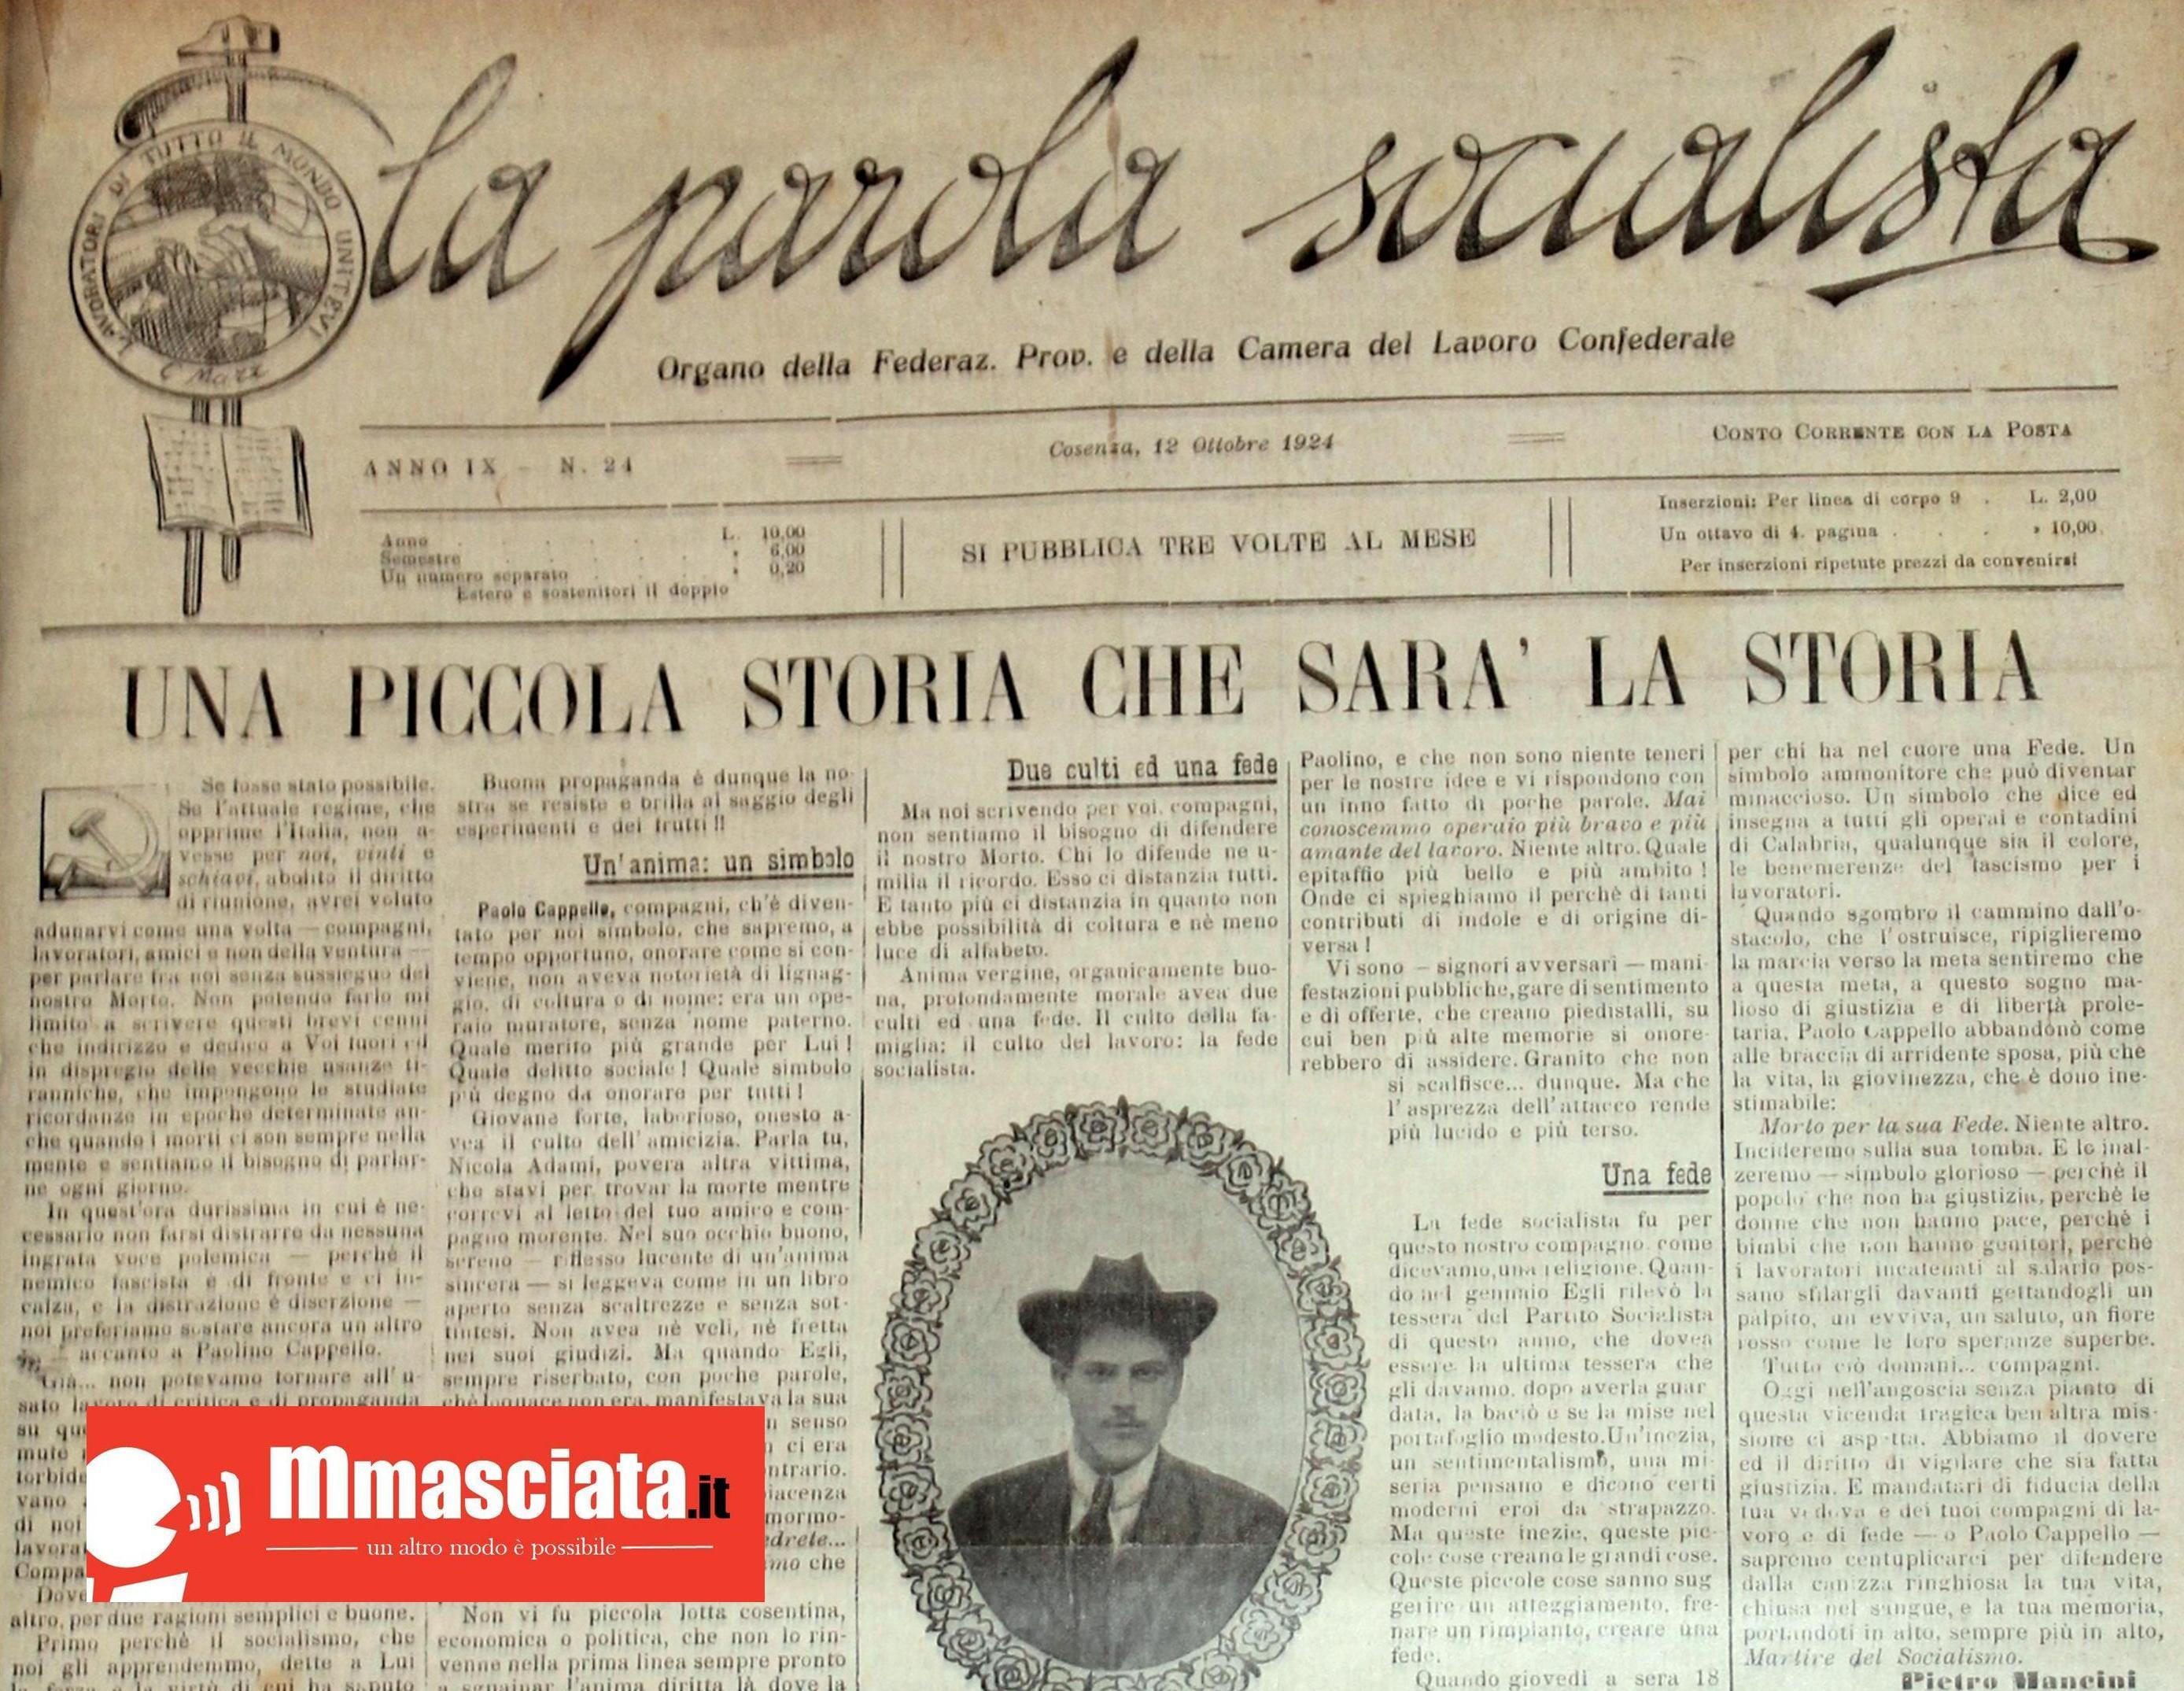 La parola socialista Anno IX 1924 (12 ottobre 1924)